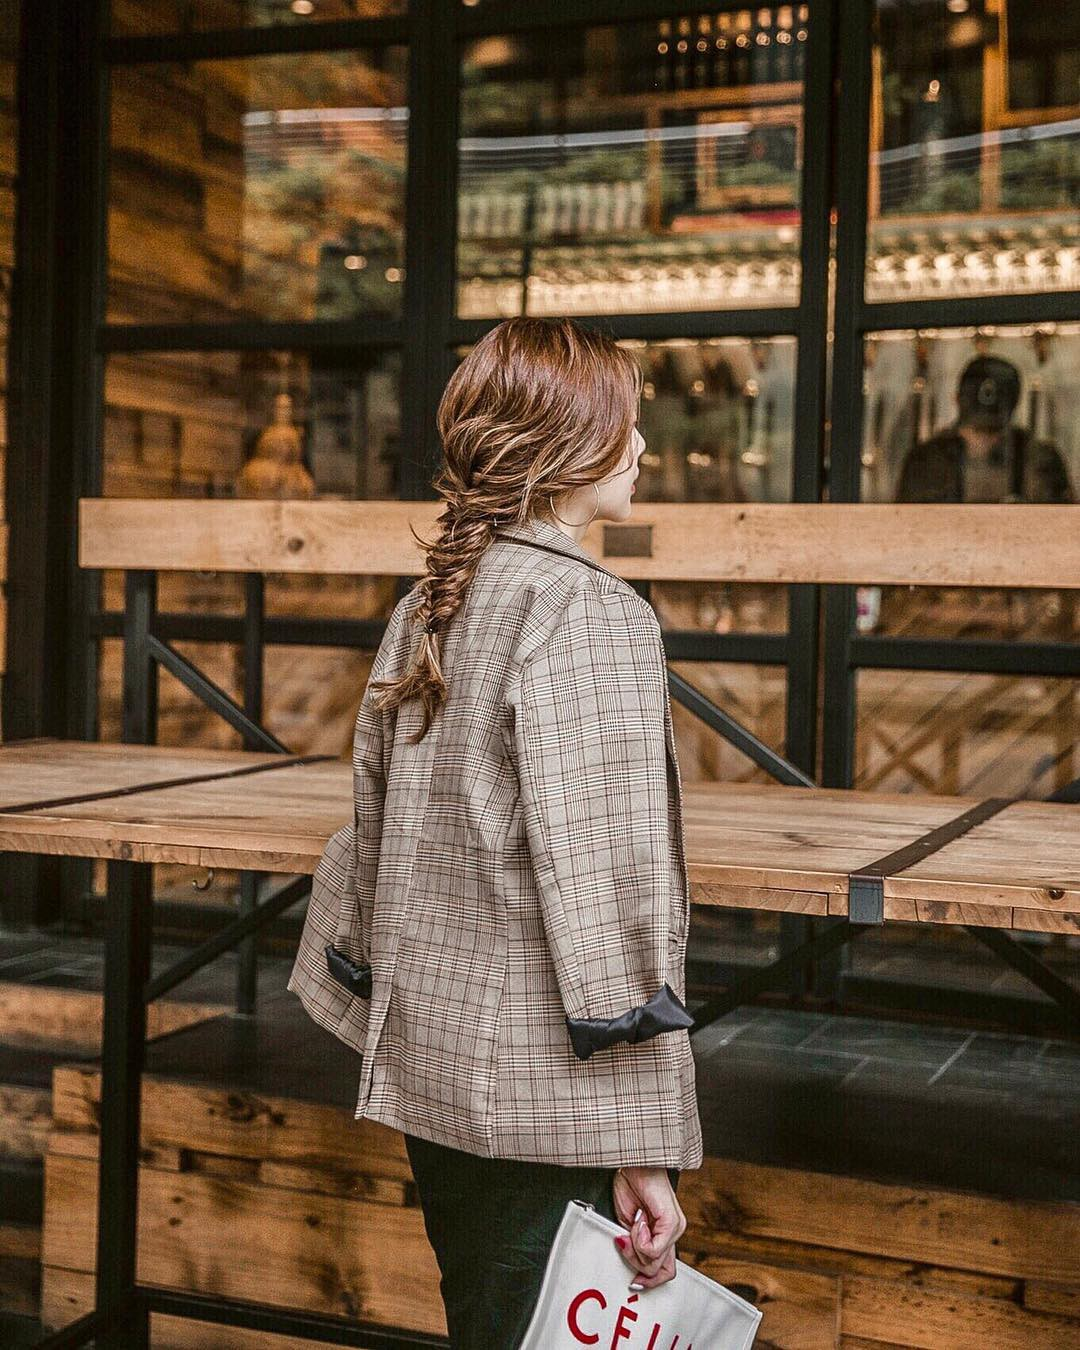 5 bí kíp khôn ngoan giúp các chị em chọn được mẫu áo blazer vừa đẹp mà mặc không bị già - Ảnh 10.